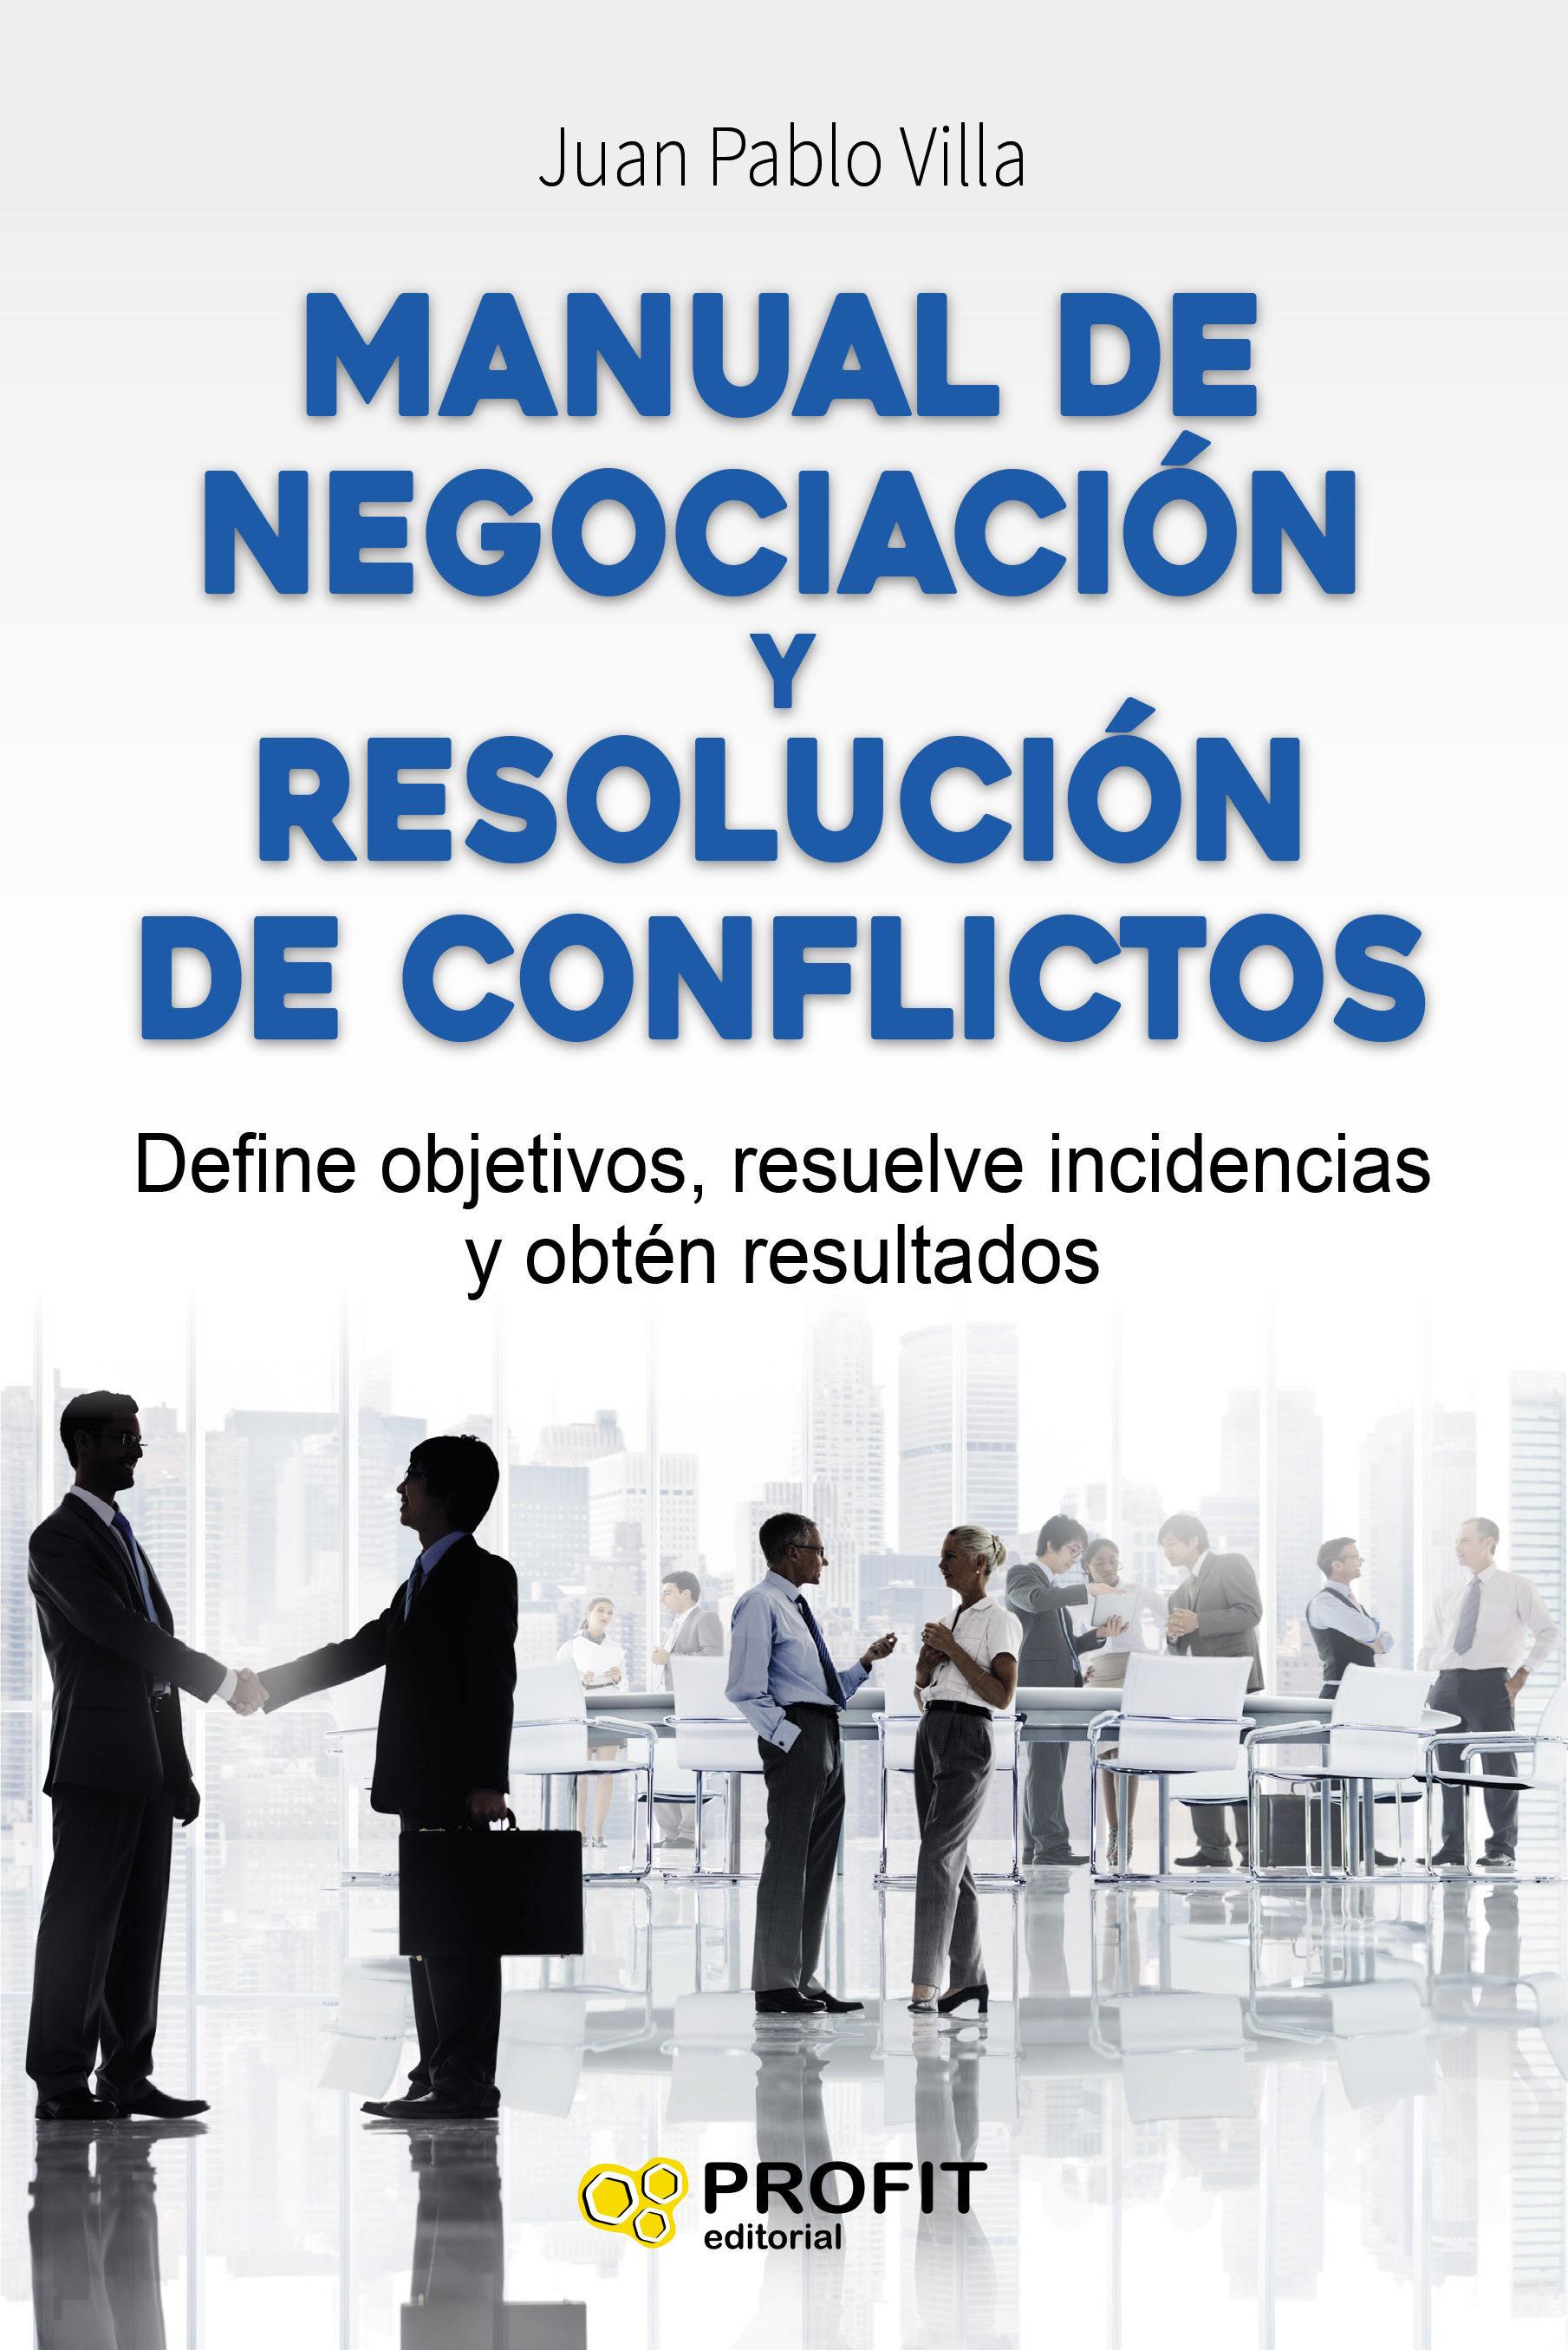 Manual De Negociación Y Resolución De Conflictos   por Juan Pablo Villa